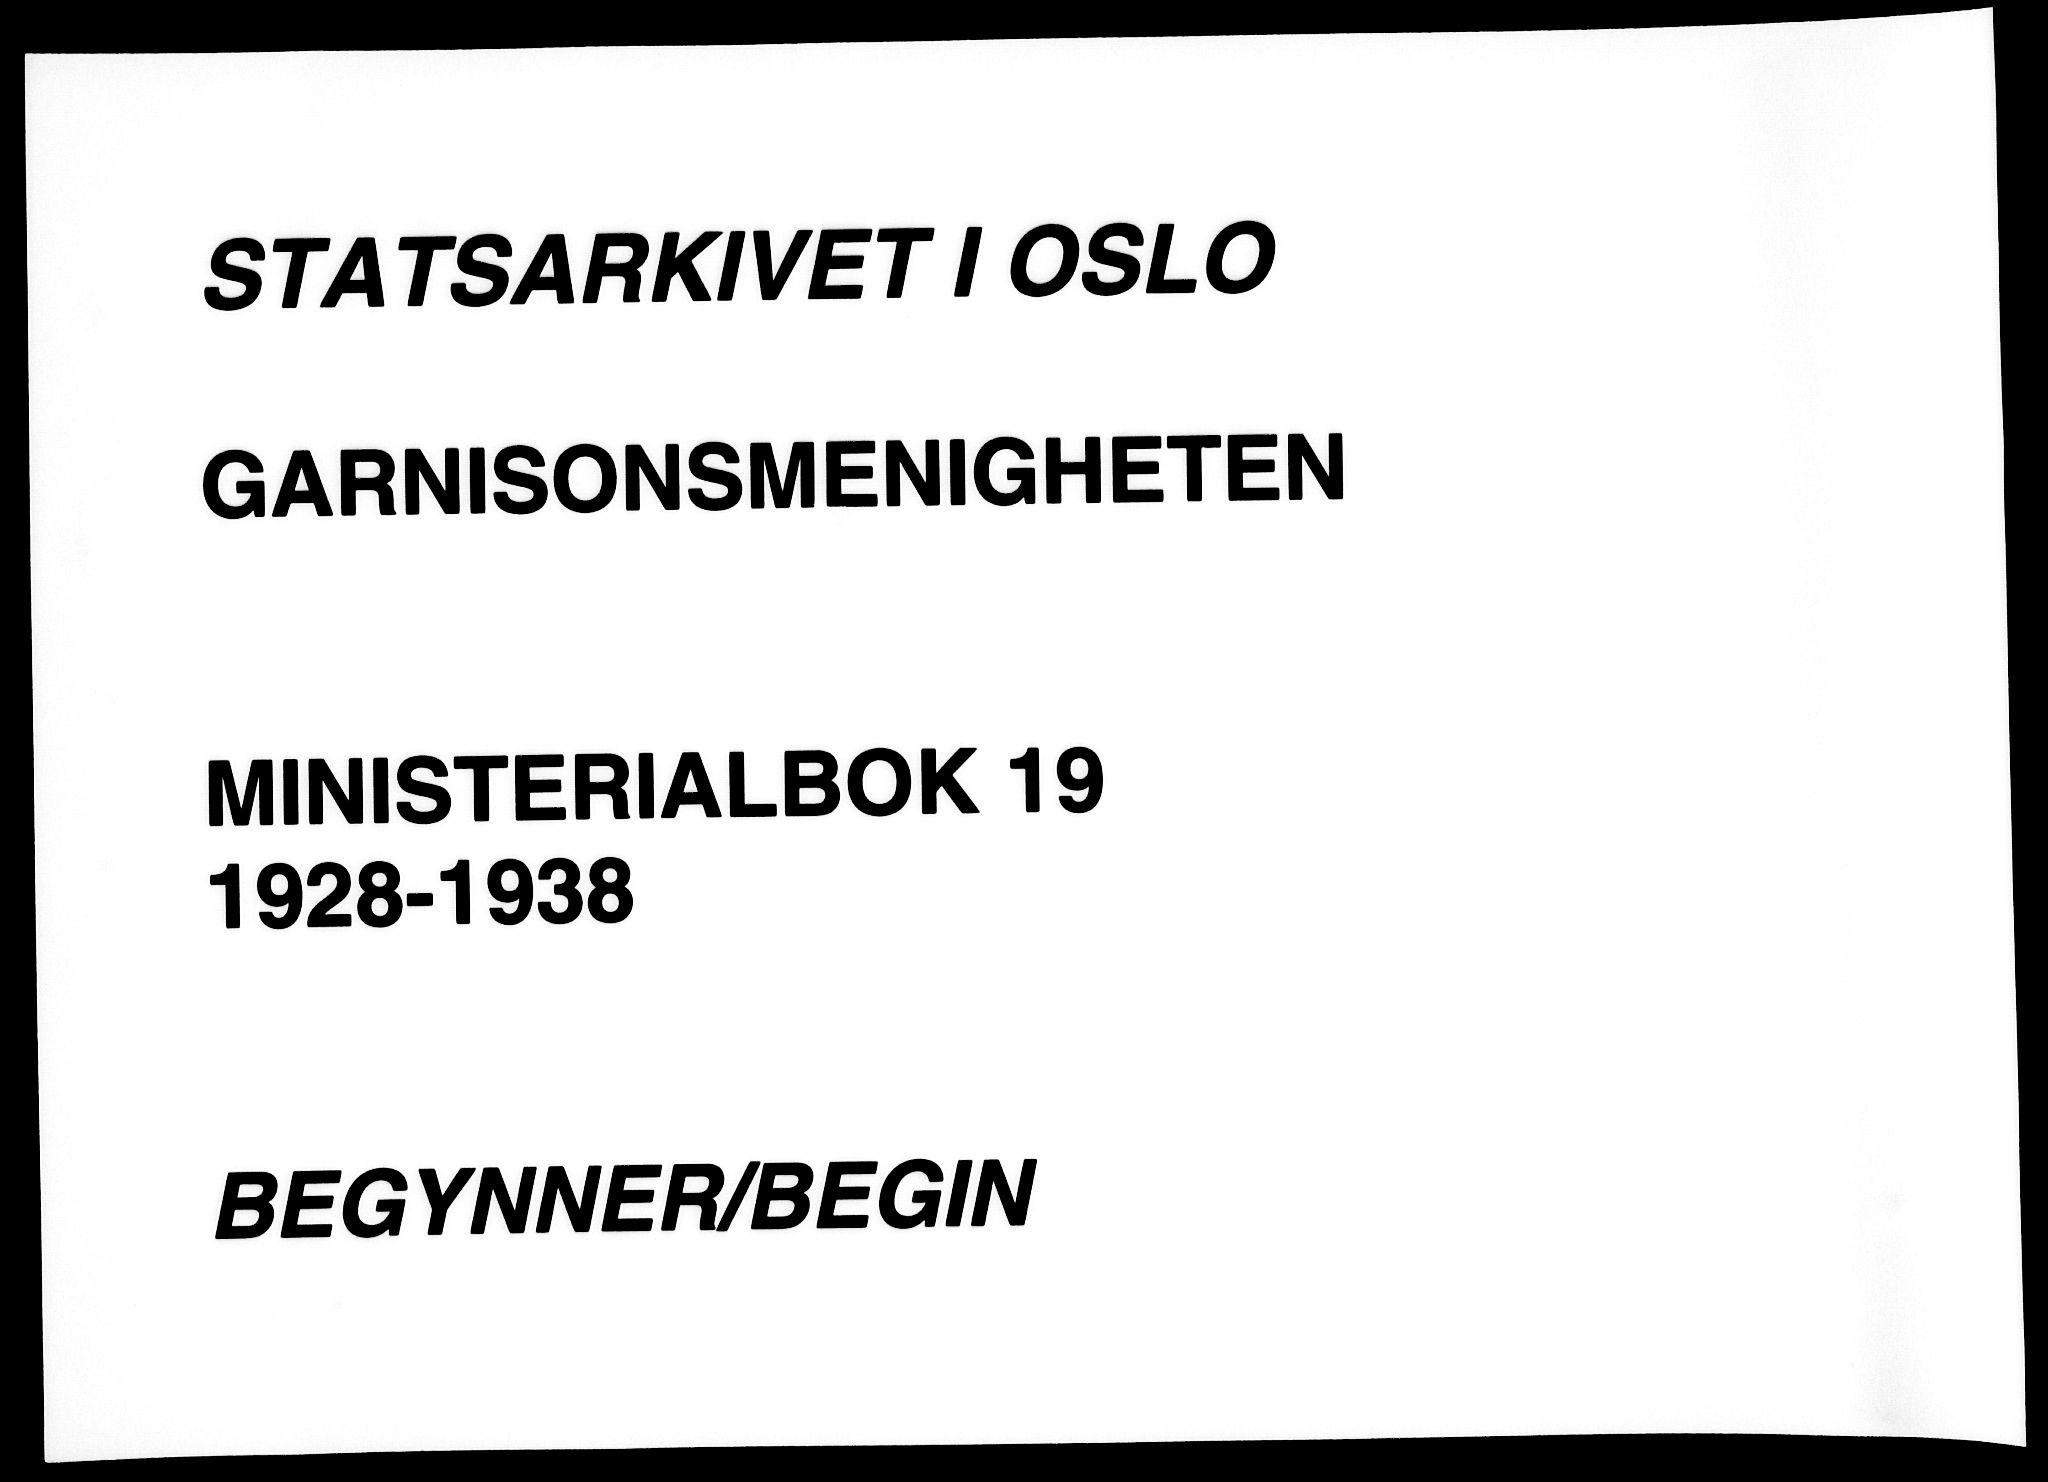 SAO, Garnisonsmenigheten Kirkebøker, F/Fa/L0019: Ministerialbok nr. 19, 1928-1938